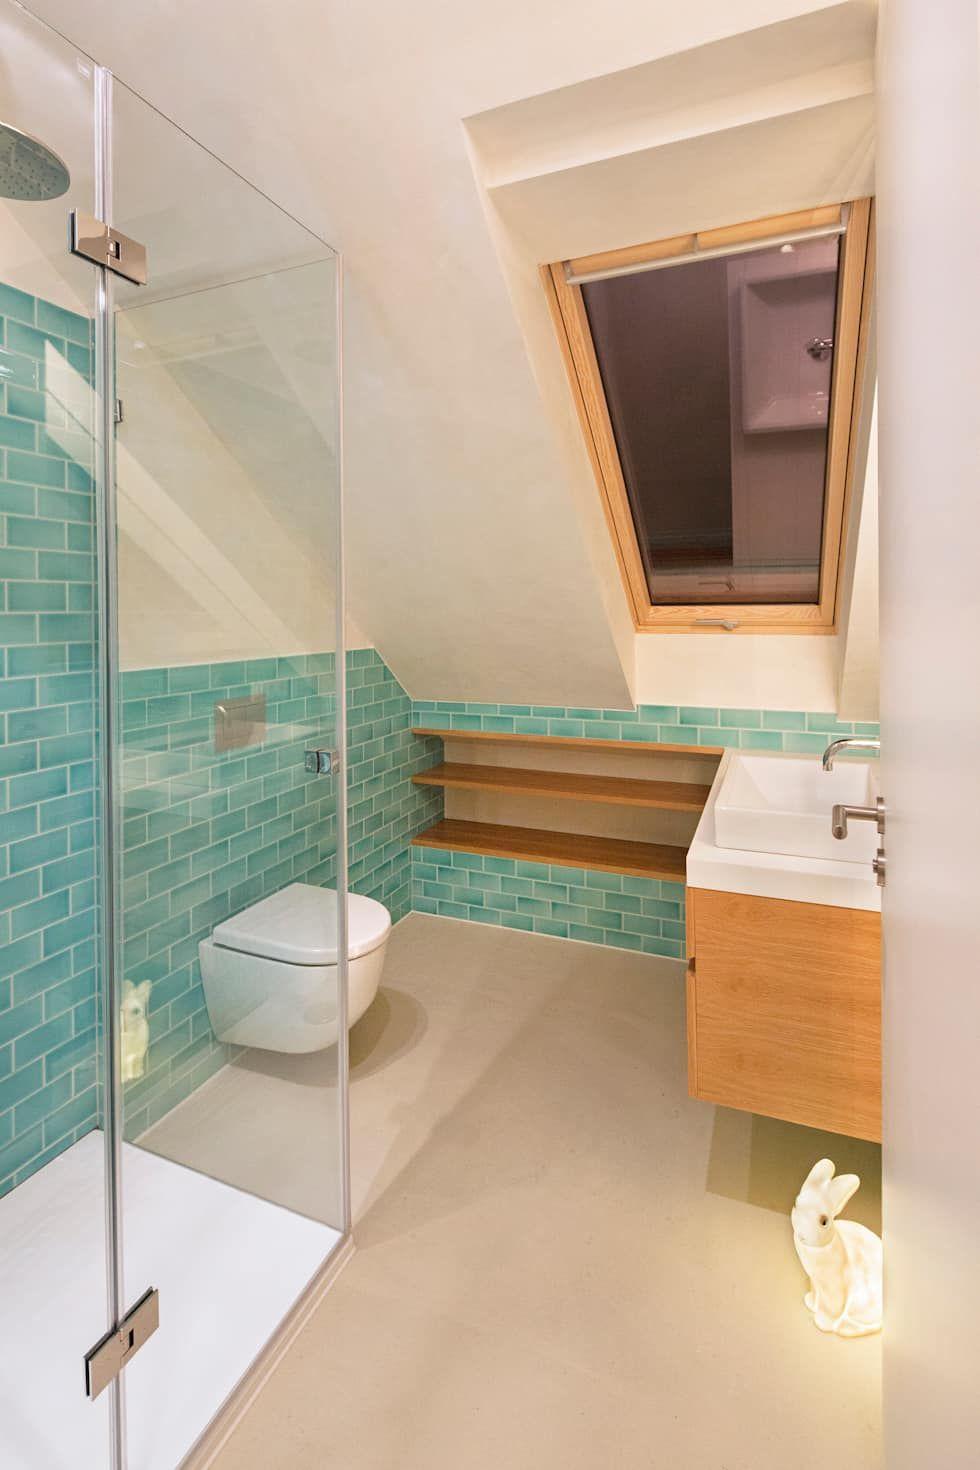 Kinderbad Moderne Badezimmer Von Carlo Berlin Architektur Interior Design Badezimmer Kinderbad Modernes Badezimmer